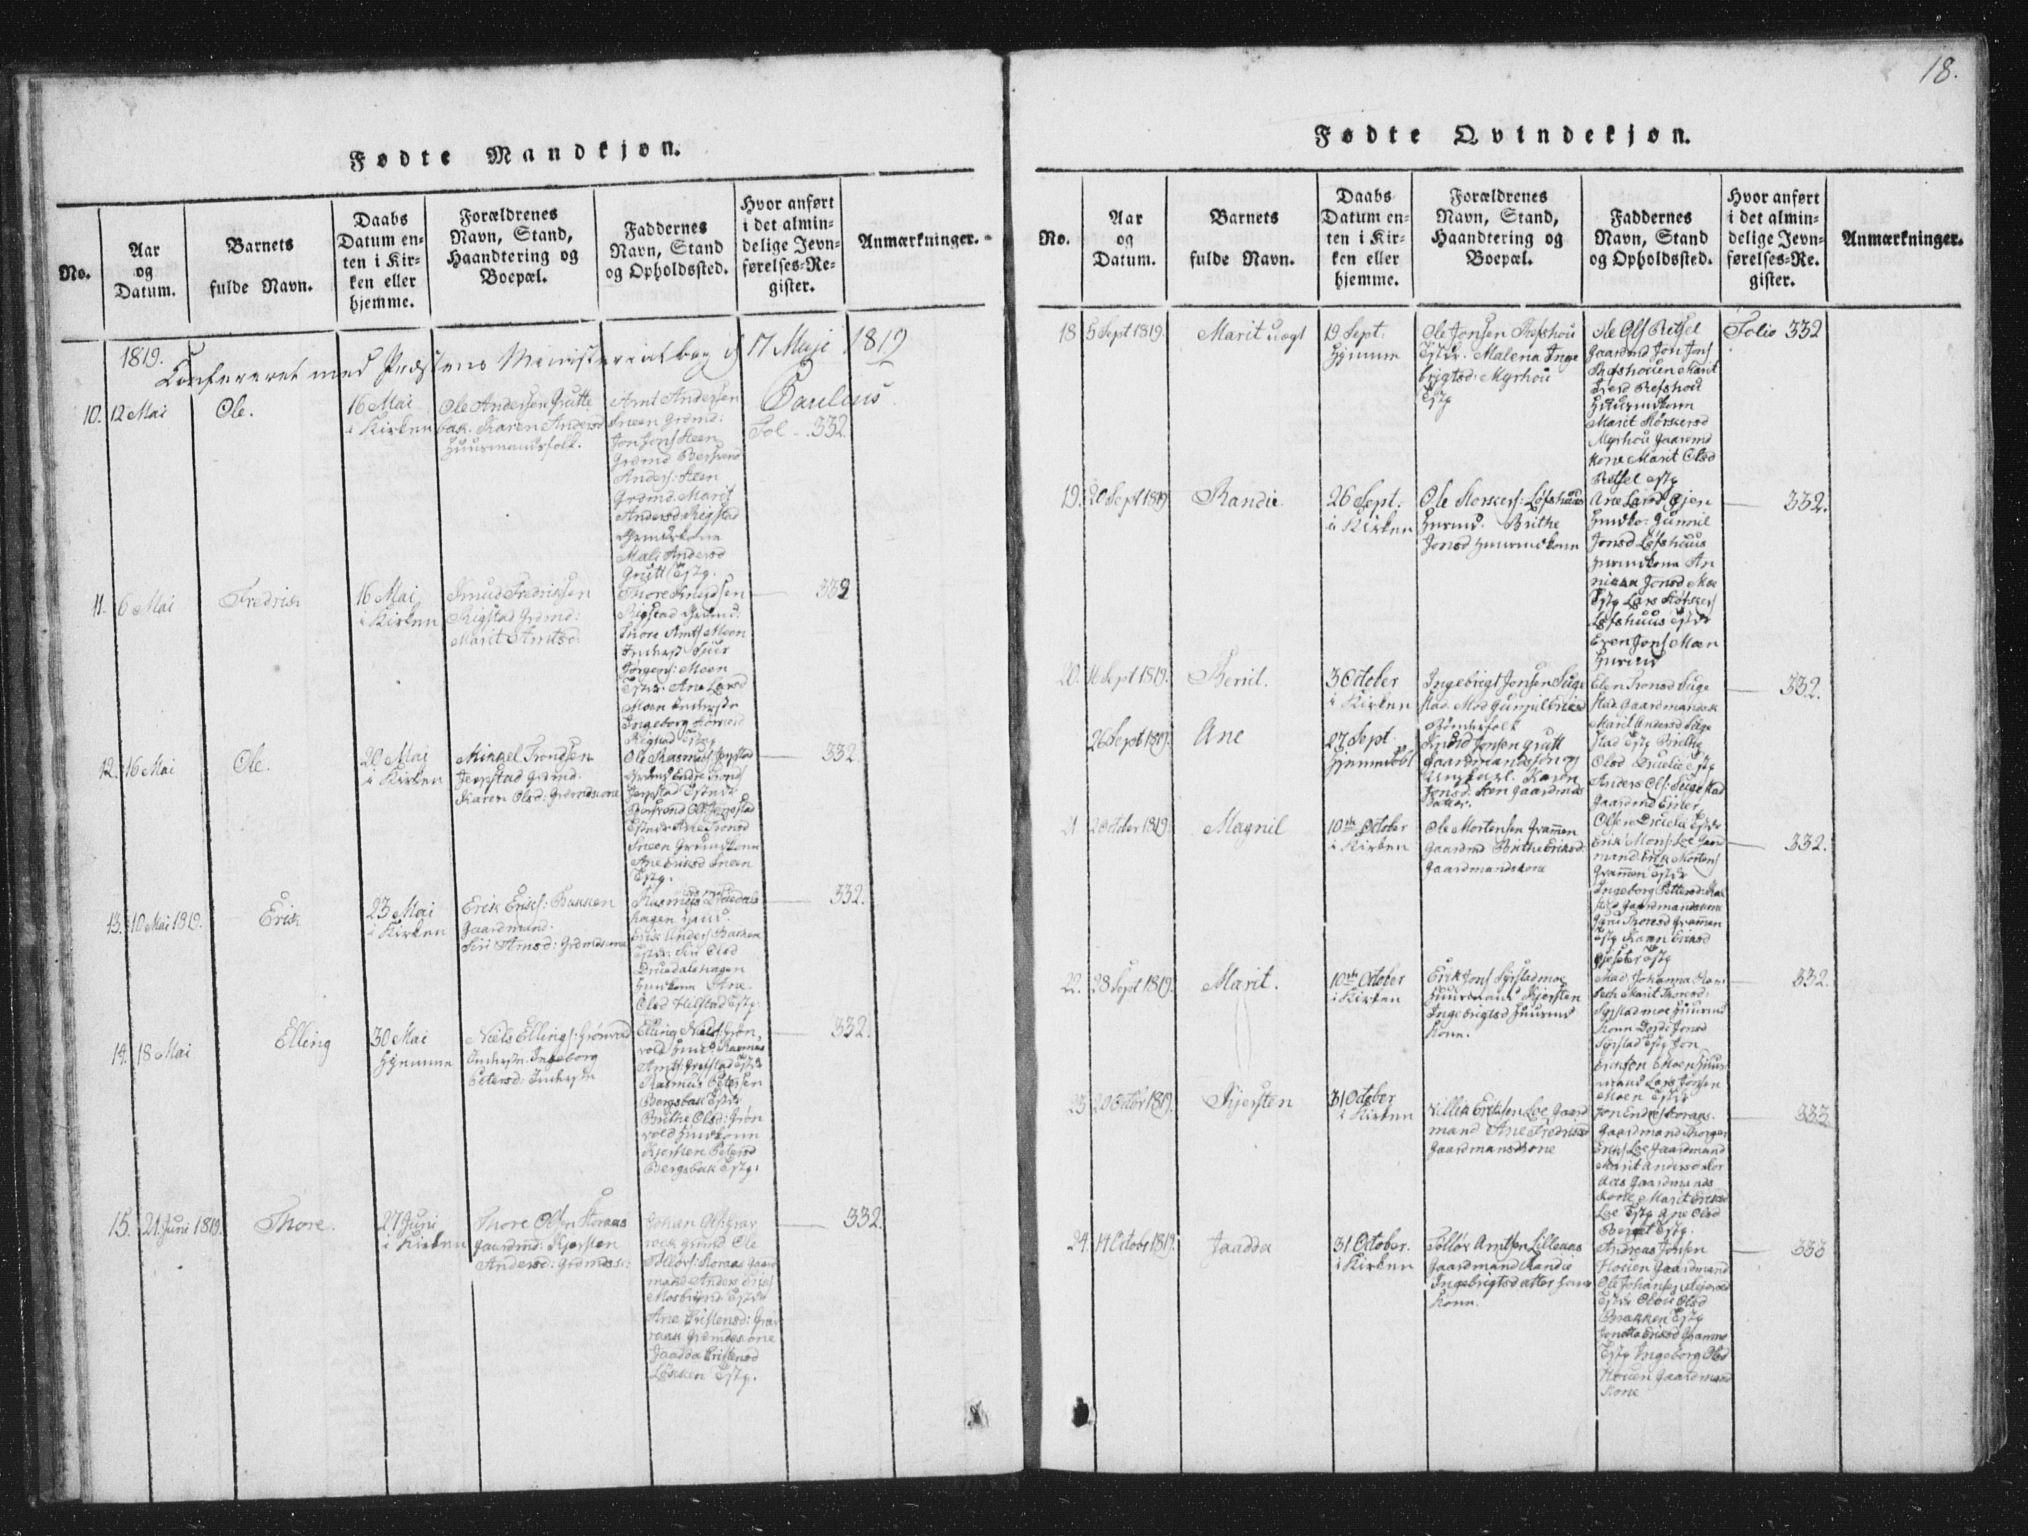 SAT, Ministerialprotokoller, klokkerbøker og fødselsregistre - Sør-Trøndelag, 672/L0862: Klokkerbok nr. 672C01, 1816-1831, s. 18